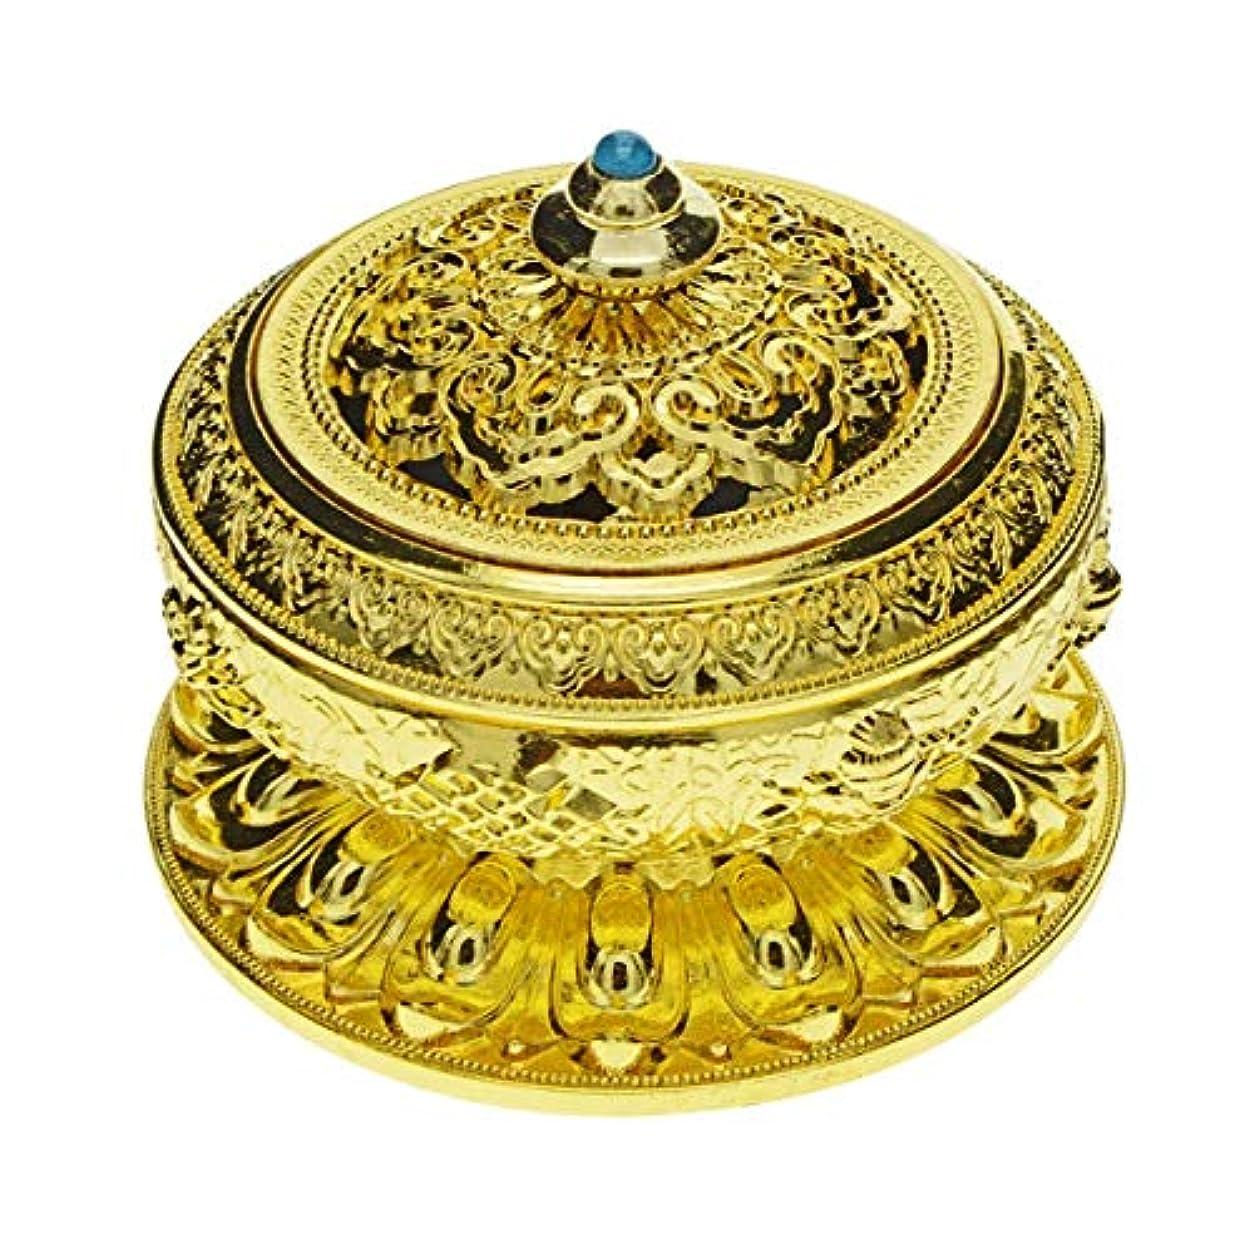 ルネッサンス送った予防接種するSaim Chineseクラシックスタイル香炉合金メタルBuddha Incense Holder Candle Censer – Buddhist装飾、ホームデコレーション S ゴールド G1HXJJ08952